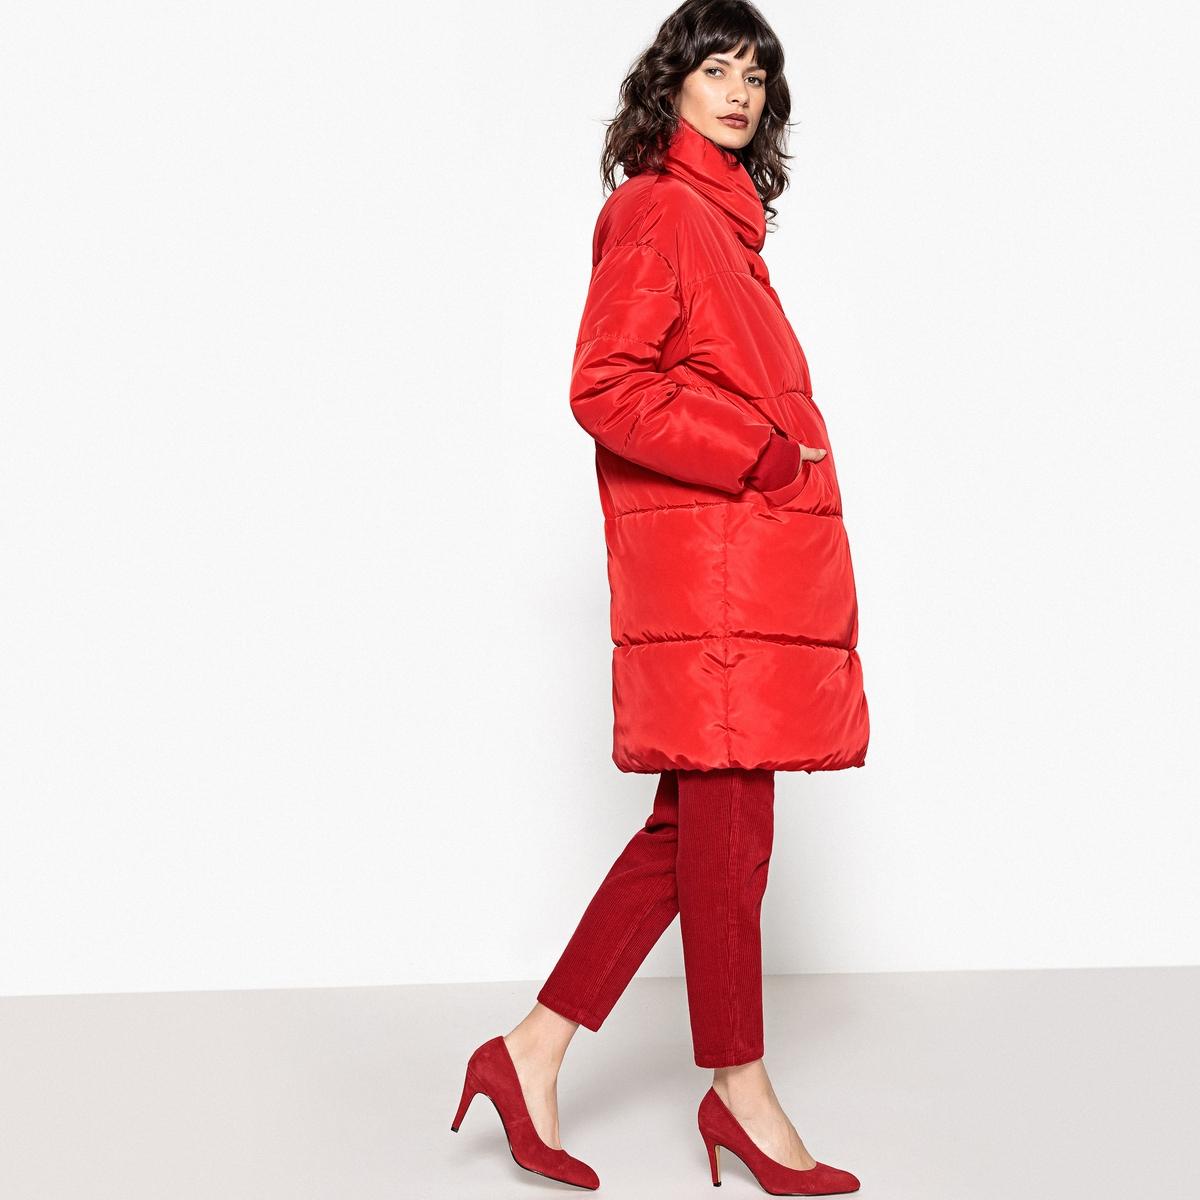 Куртка стеганая оверсайзЭта куртка покроя оверсайз обеспечит отличную защиту от холода . Вам не захочется расставаться с ней на протяжении всей зимы .Детали •  Длина : удлиненная модель •  Воротник-стойка •  Застежка на молниюСостав и уход •  100% полиэстер •  Подкладка : 100% полиэстер. Утеплитель из 90% пуха, 10% пера •  Температура стирки 30° •  Сухая чистка и отбеливатели запрещены •  Не использовать барабанную сушку   •  Не гладить •  Длина : 98 см<br><br>Цвет: красный,синий морской<br>Размер: M.S.L.XL